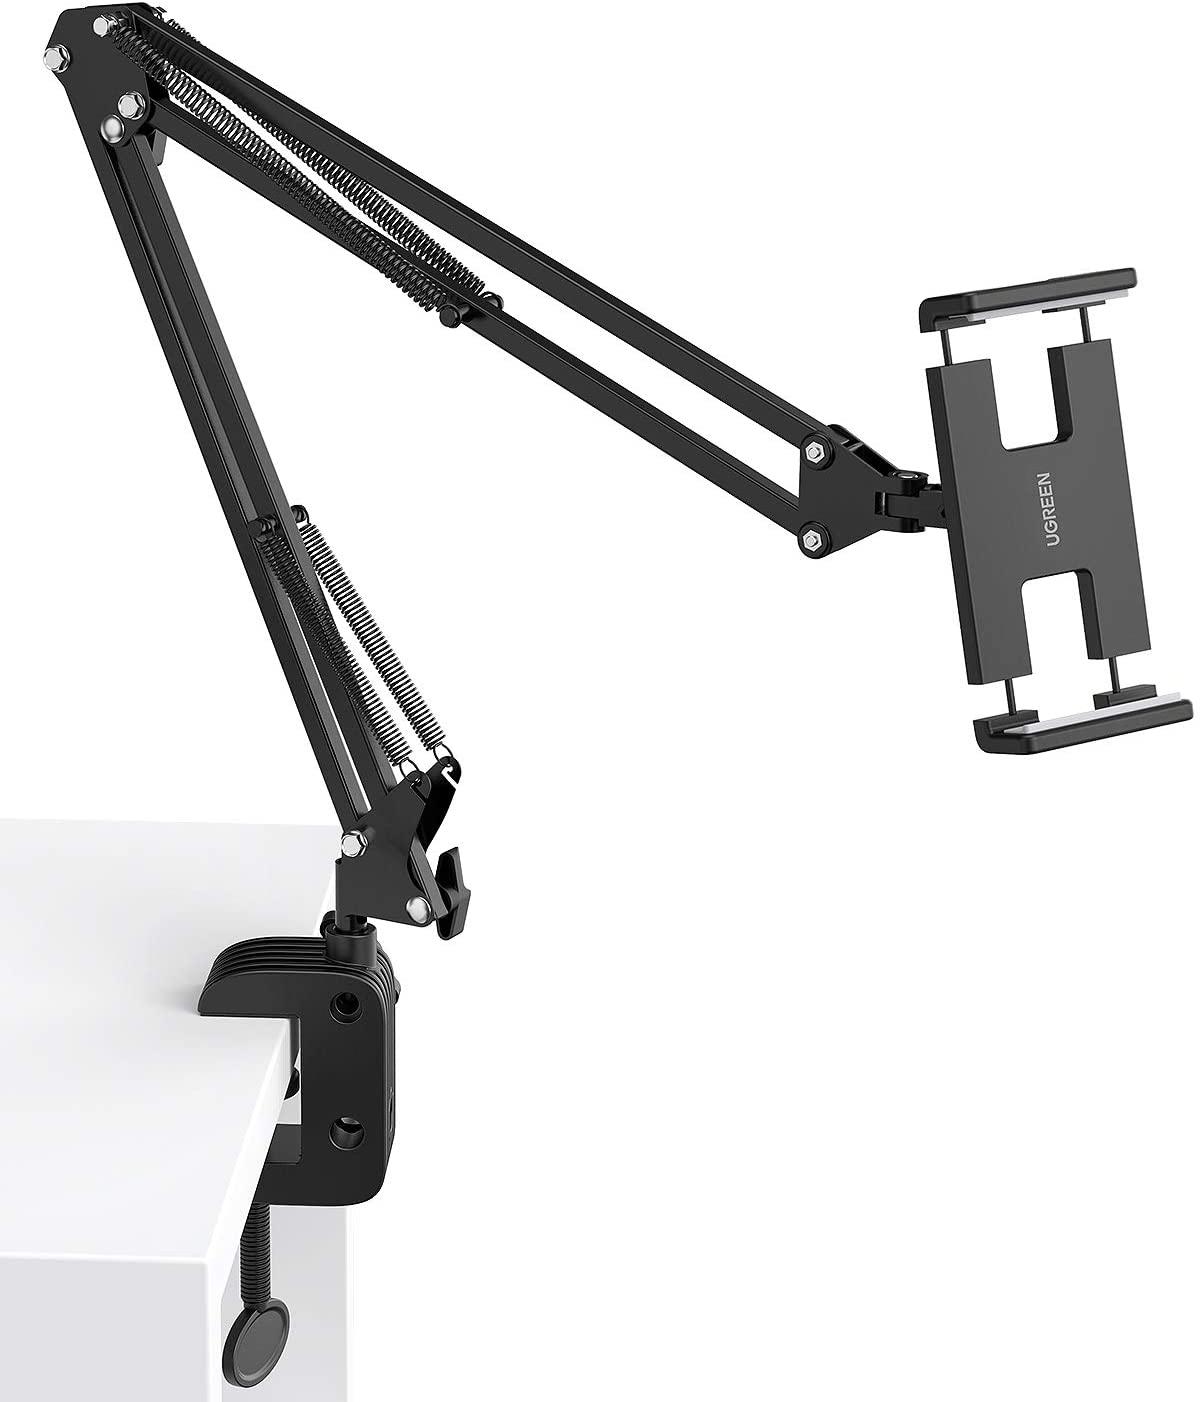 UGREEN telefoonhouder/tablethouder met 360° verstelbare arm voor €19,99 @ Amazon.nl